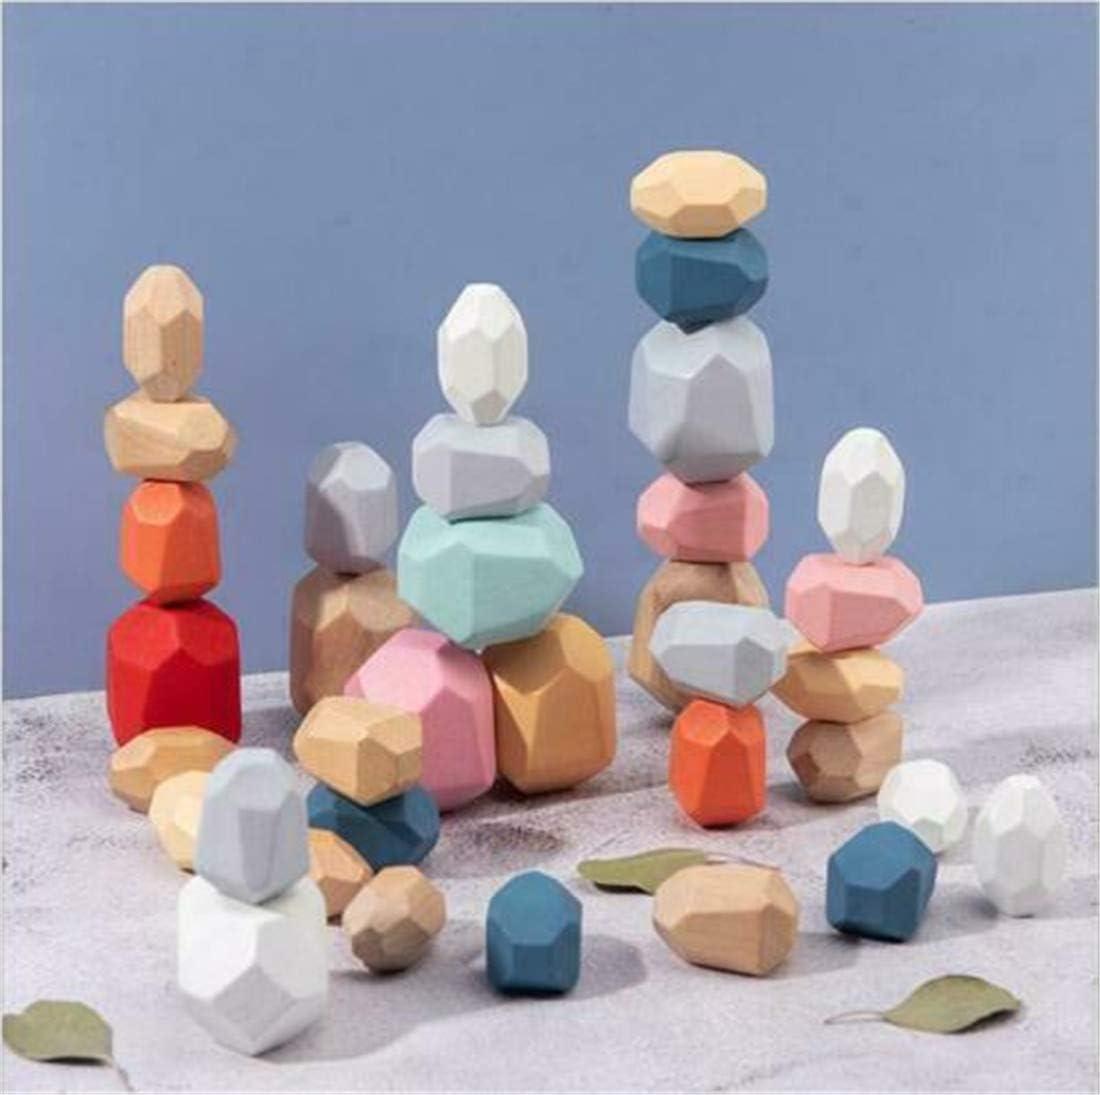 i4t.AIX 16 Unids Coloridos Juegos de Apilamiento de Madera Rainbow Jenga Bloques de Construcción de Piedras de Madera Juguetes de Apilamiento Creativos Divertidos Juguetes Educativos Juegos: Amazon.es: Hogar